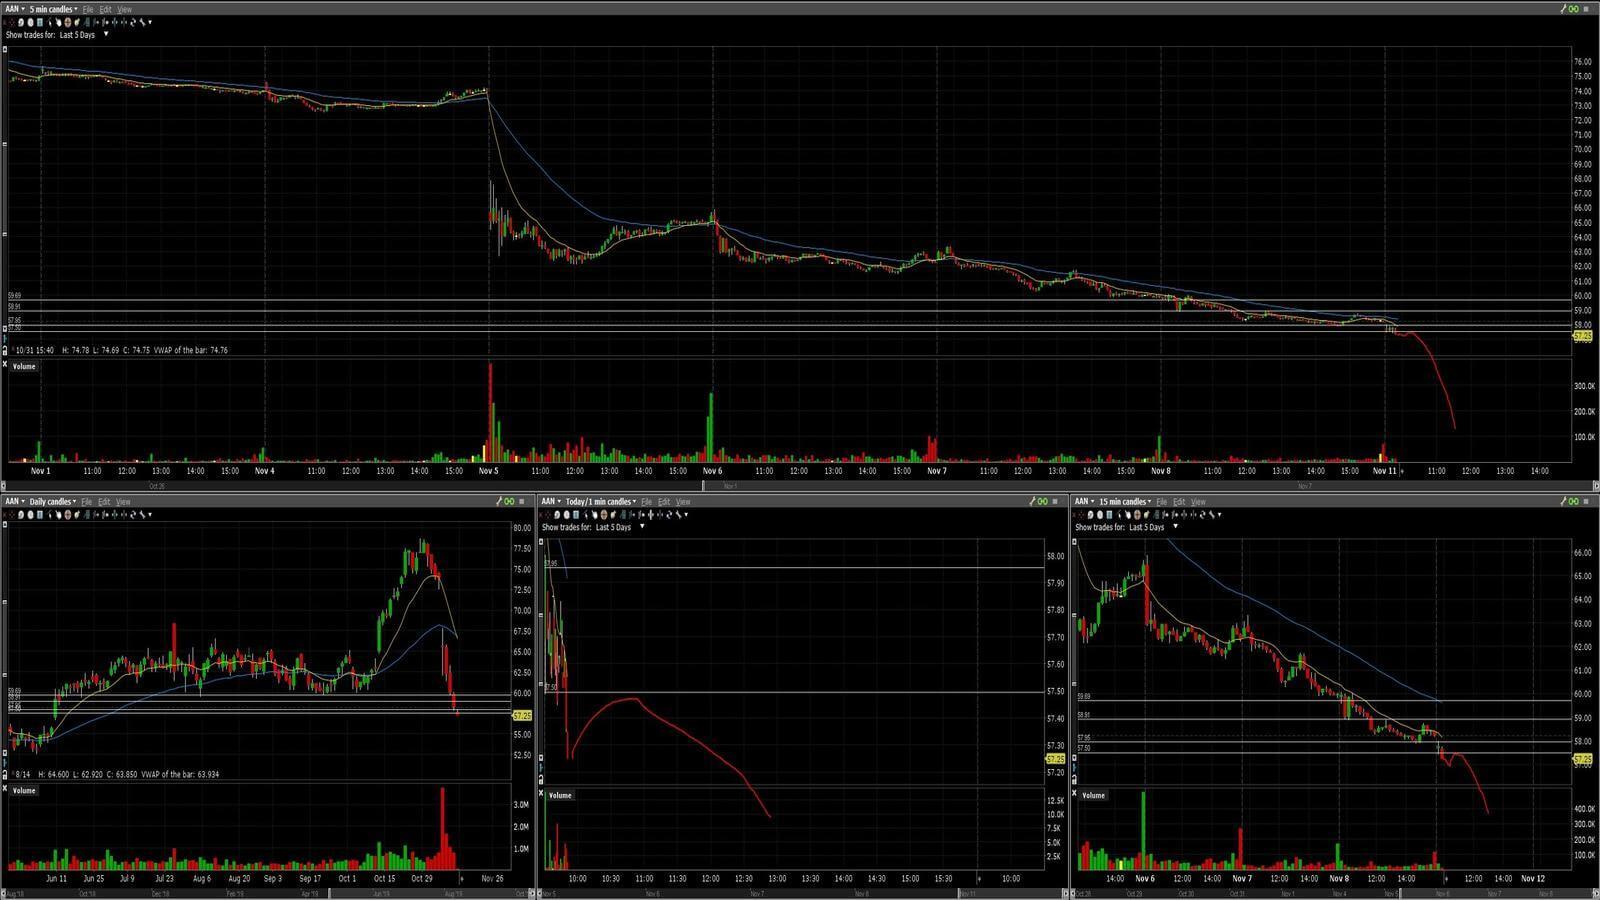 AAN - график акции на фондовой бирже